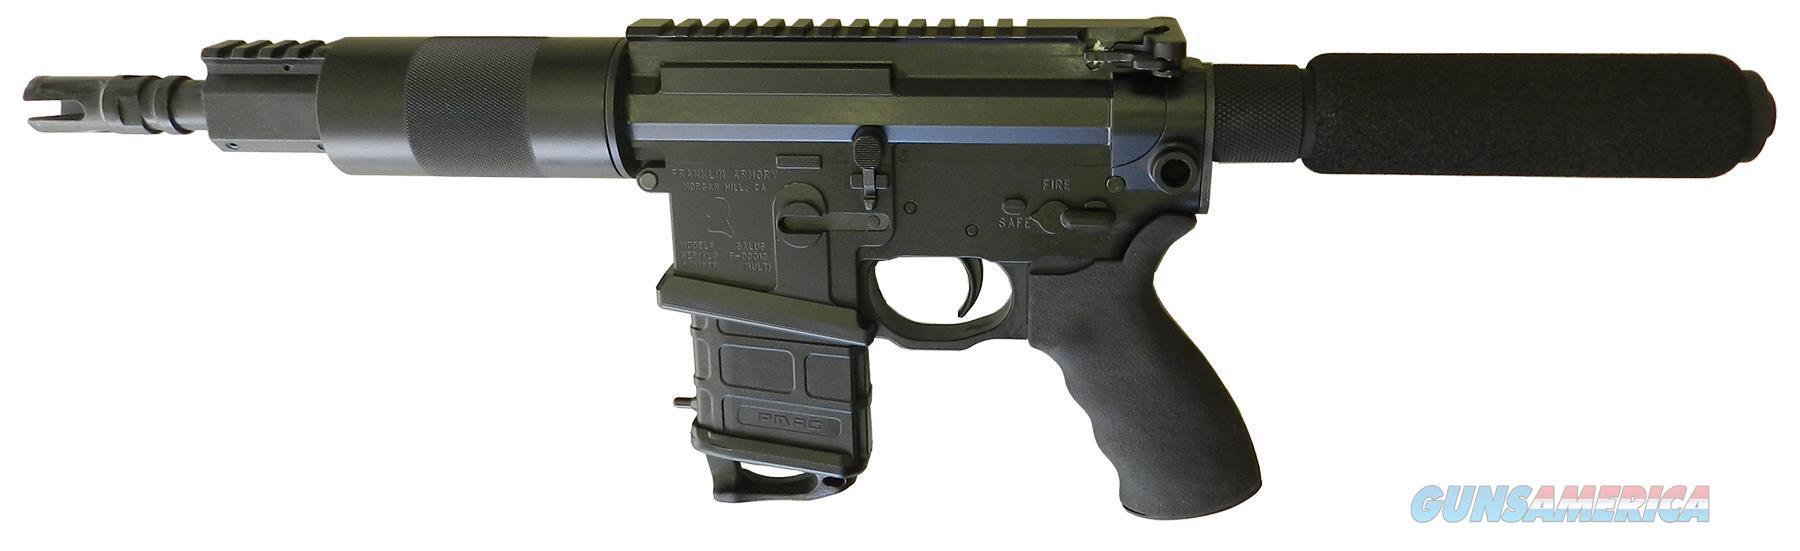 """Franklin 3094Ca Salus *Ca Appr* Ar Pistol Sa 5.56 Nato 7.5"""" 1Rd Syn Grip Blk 3094CA  Guns > Pistols > F Misc Pistols"""